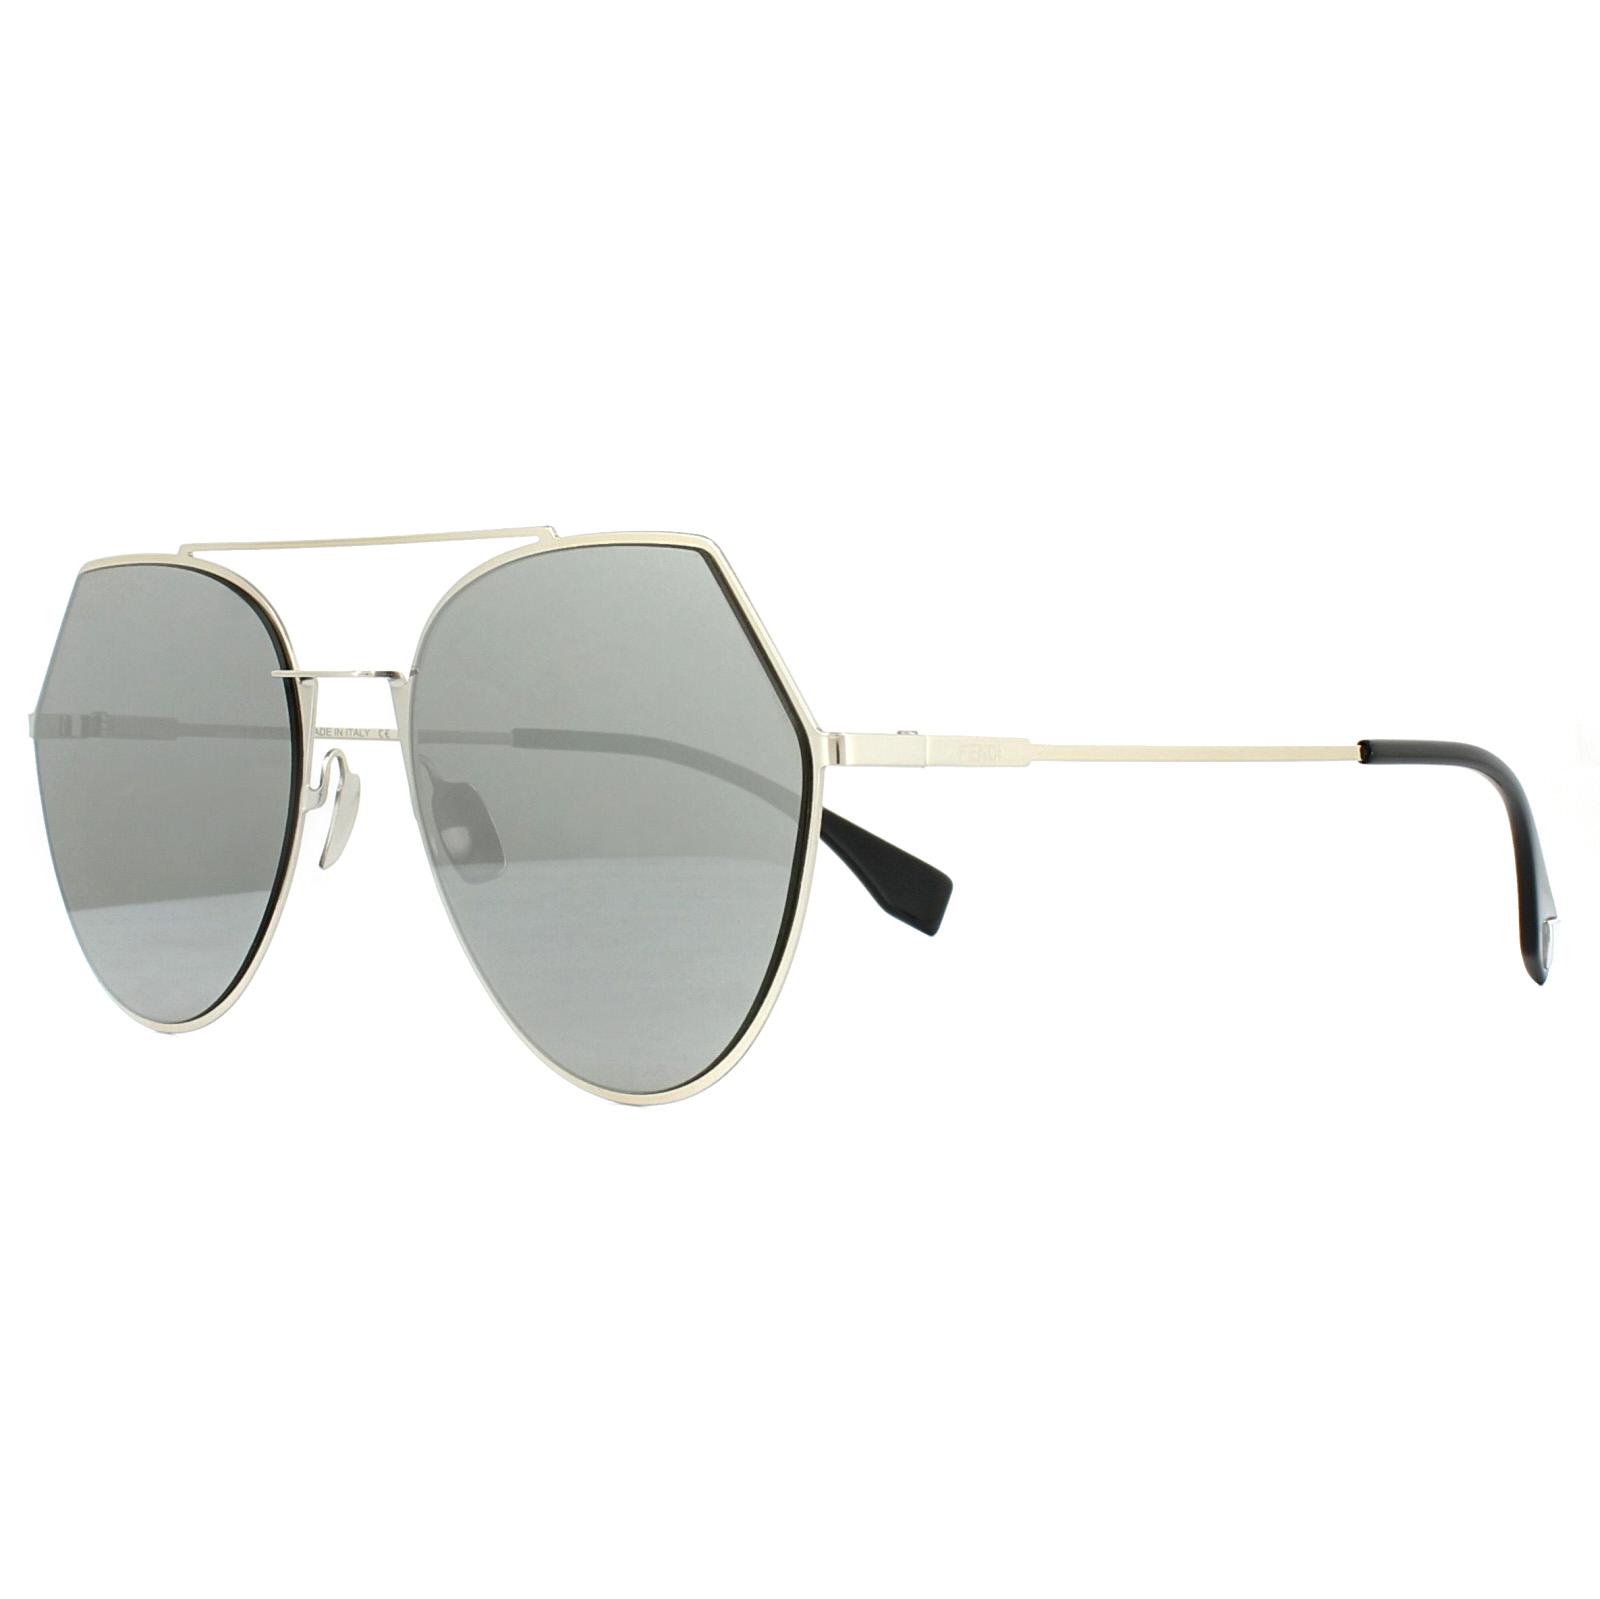 9320178f2a049 Sentinel Fendi Sunglasses Eyeline FF 0194 S 3YG 0T Light Gold Grey Silver